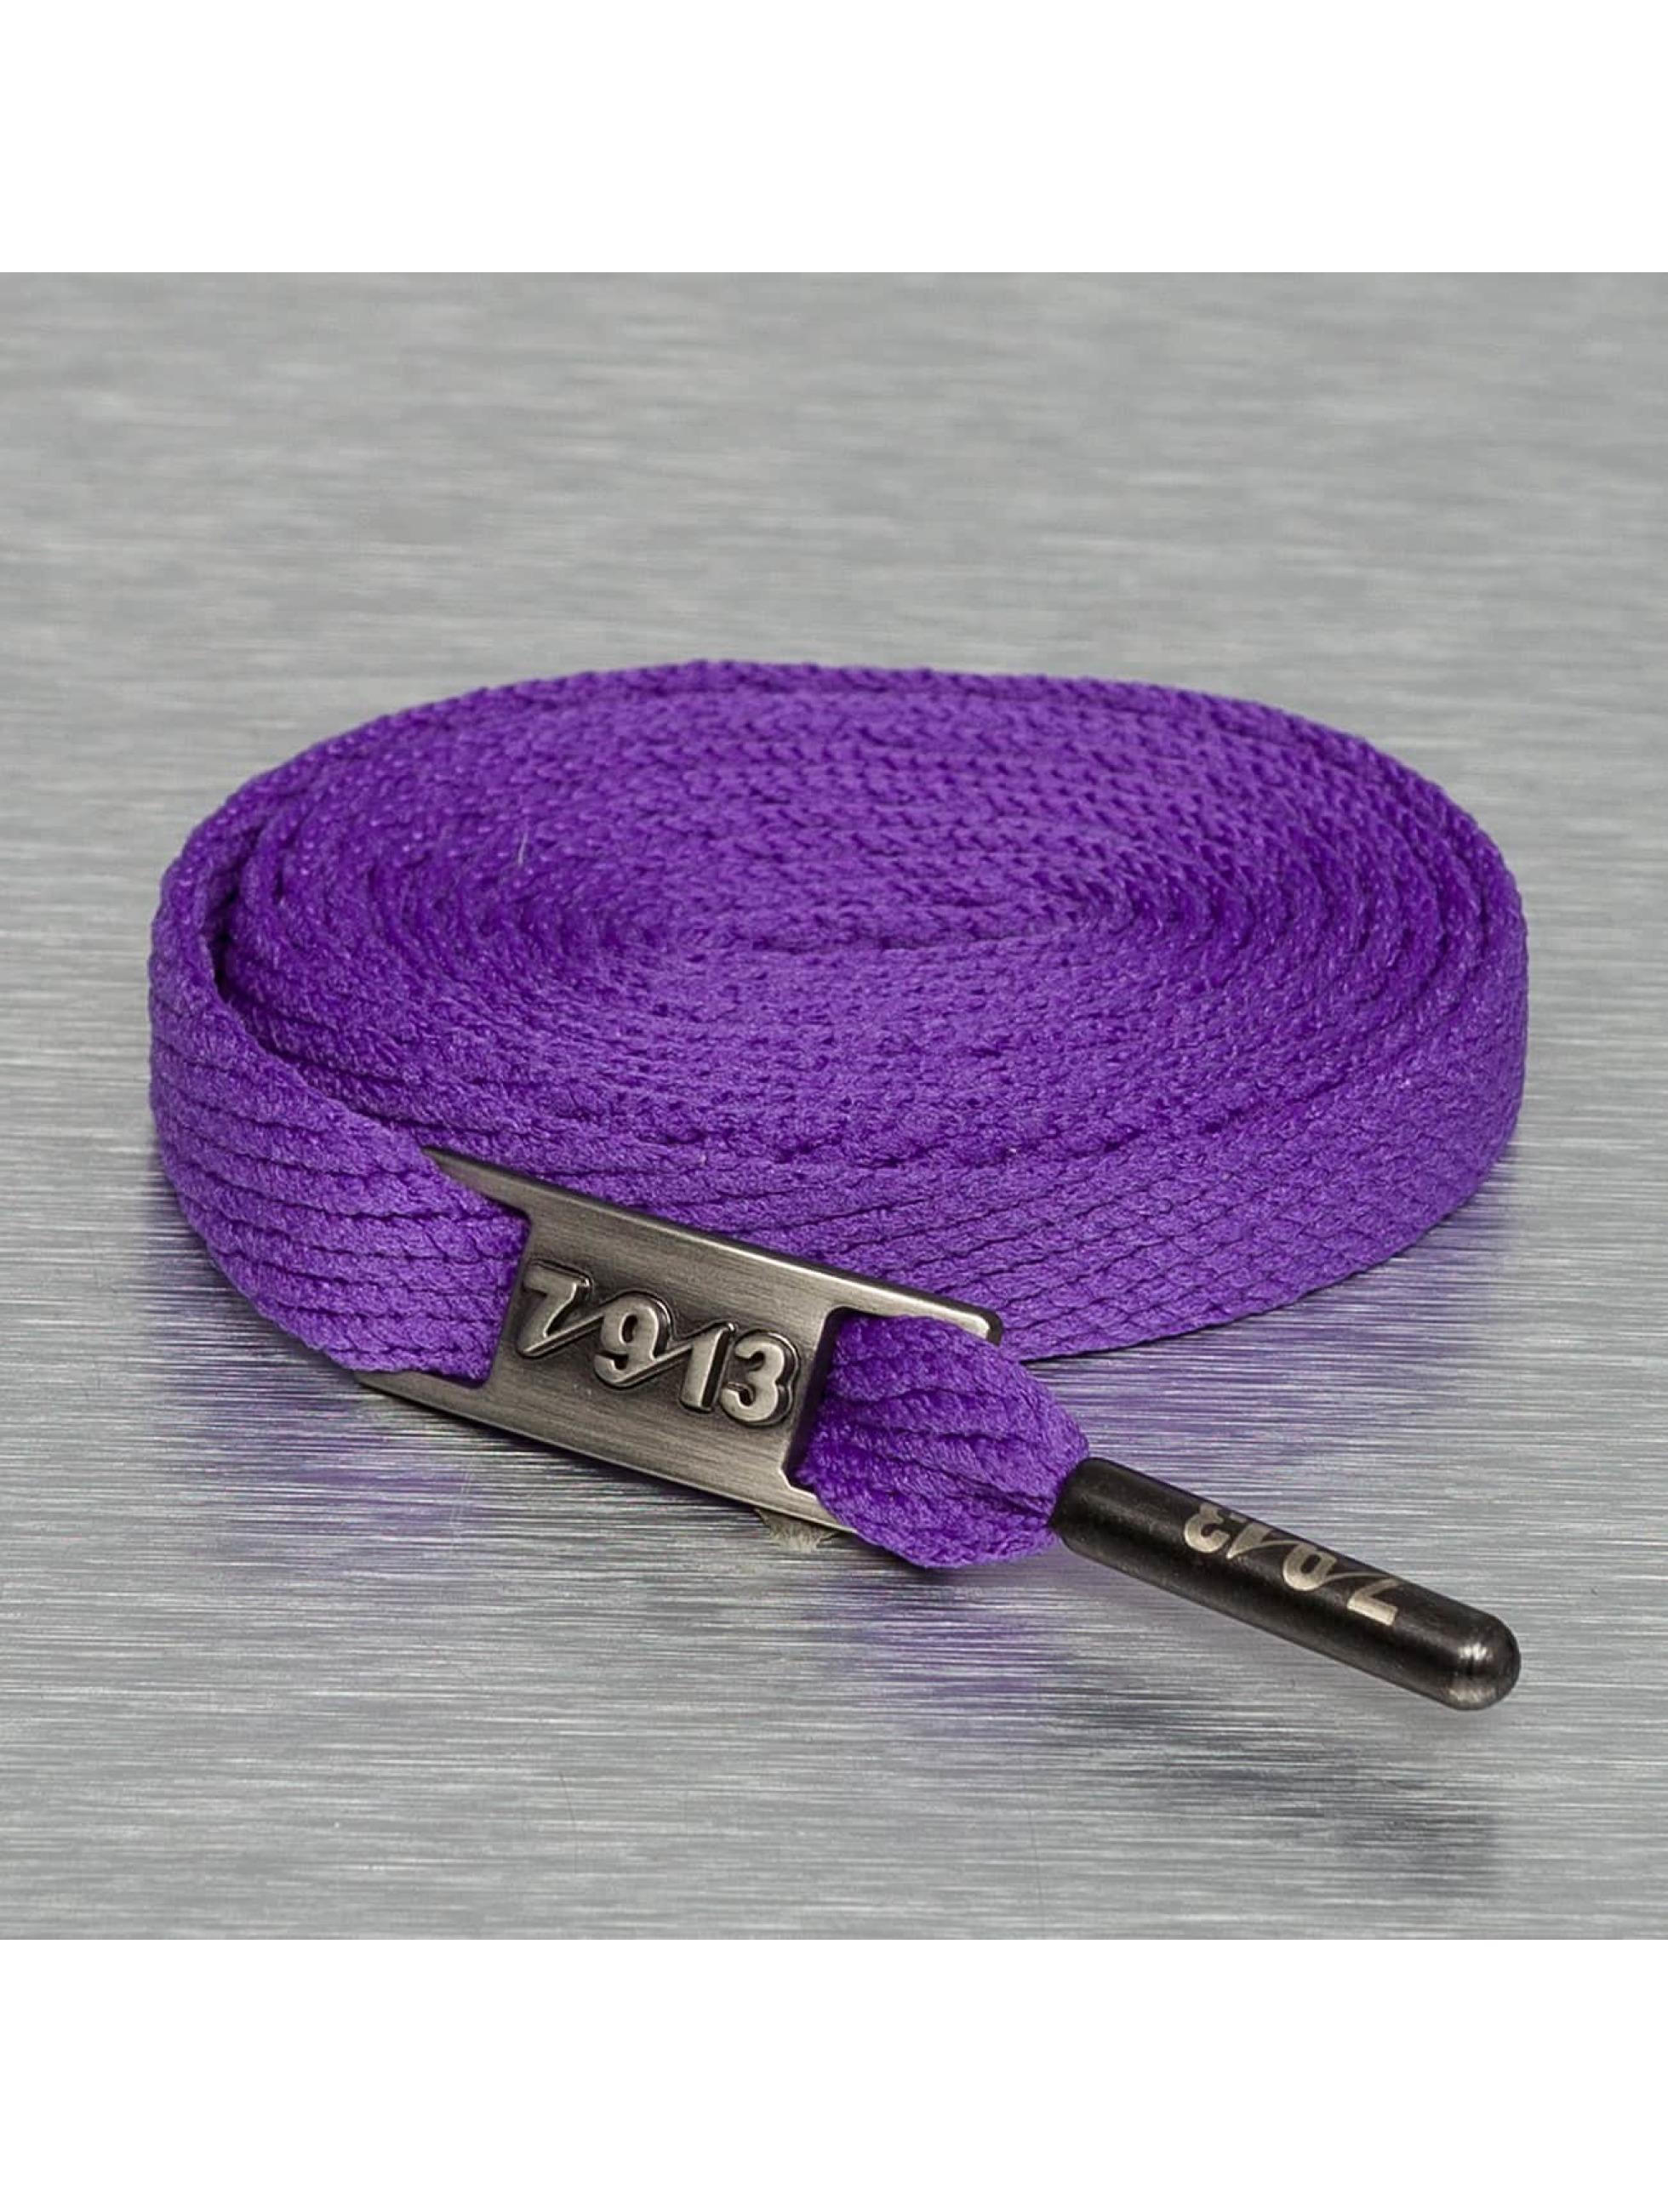 Seven Nine 13 Accesoria de zapatos Full Metal púrpura